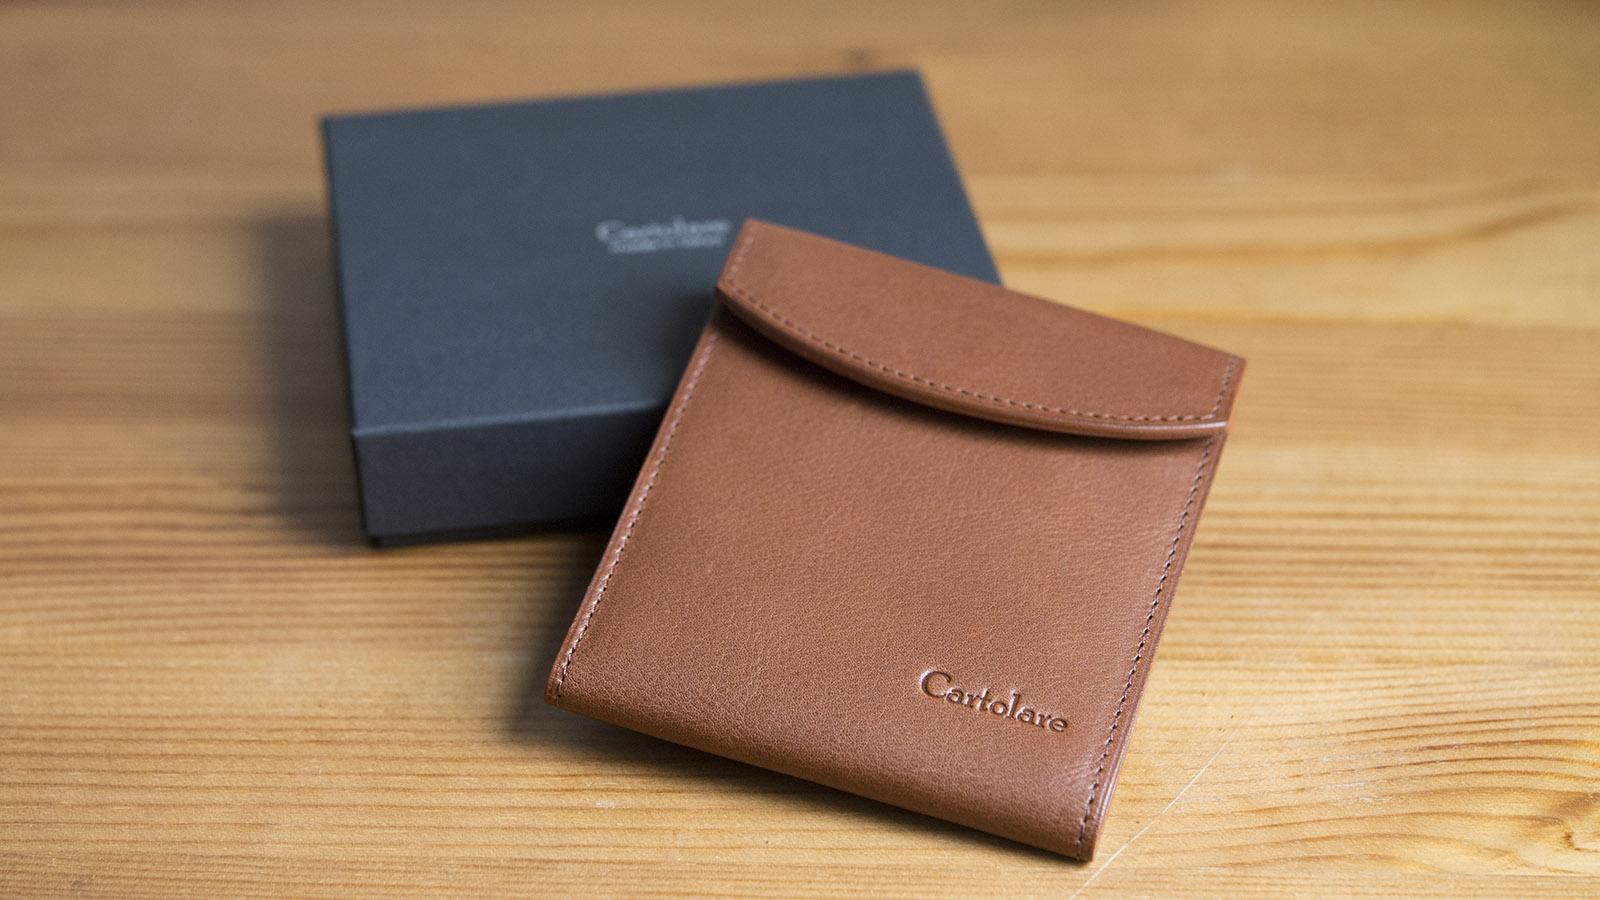 Cartolare メンズ財布